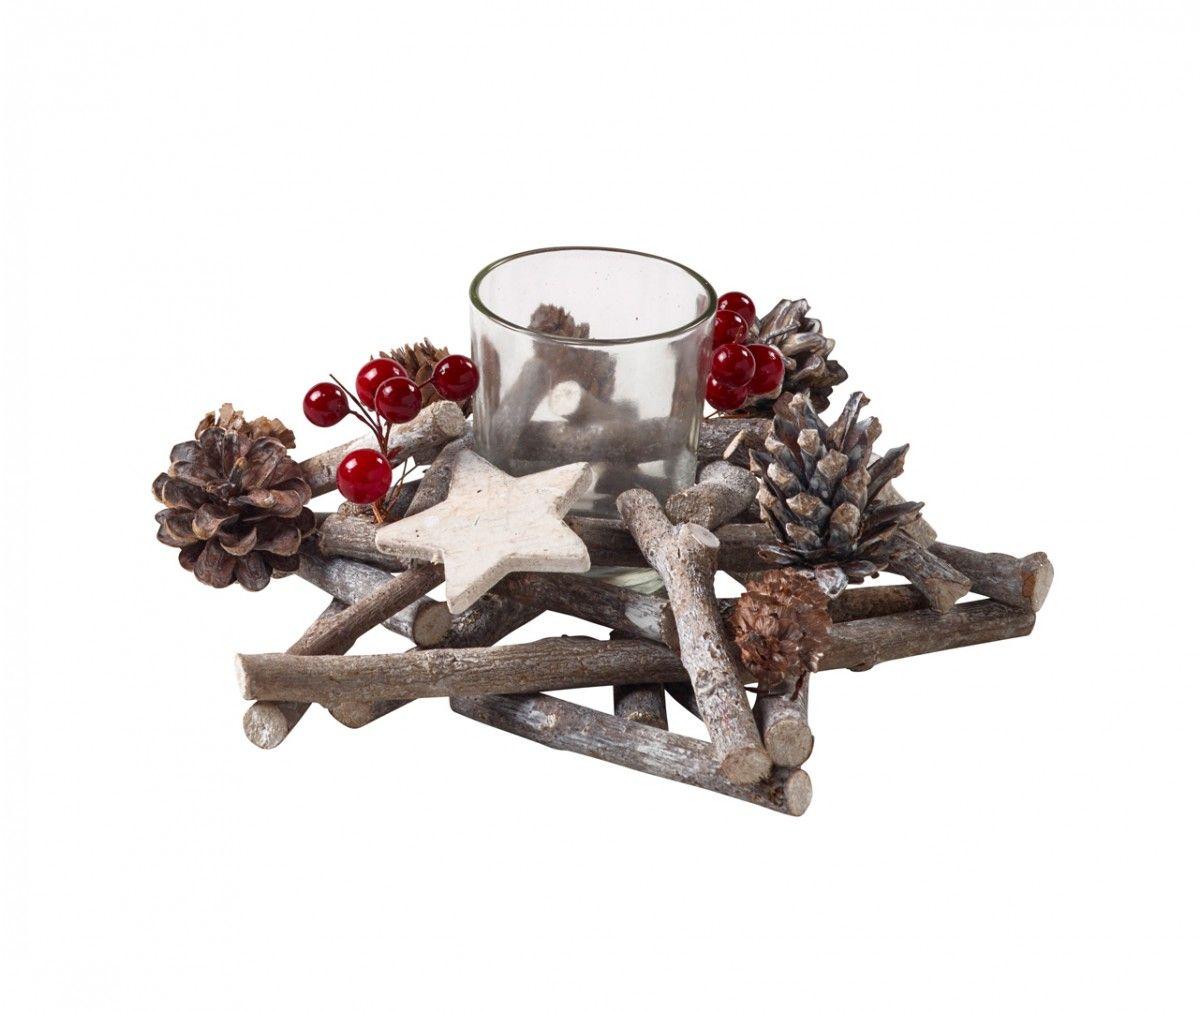 Windlichtset Lexie - Kerzen und Windlichter - Weihnachten - Online kaufen bei Möbel EGGER